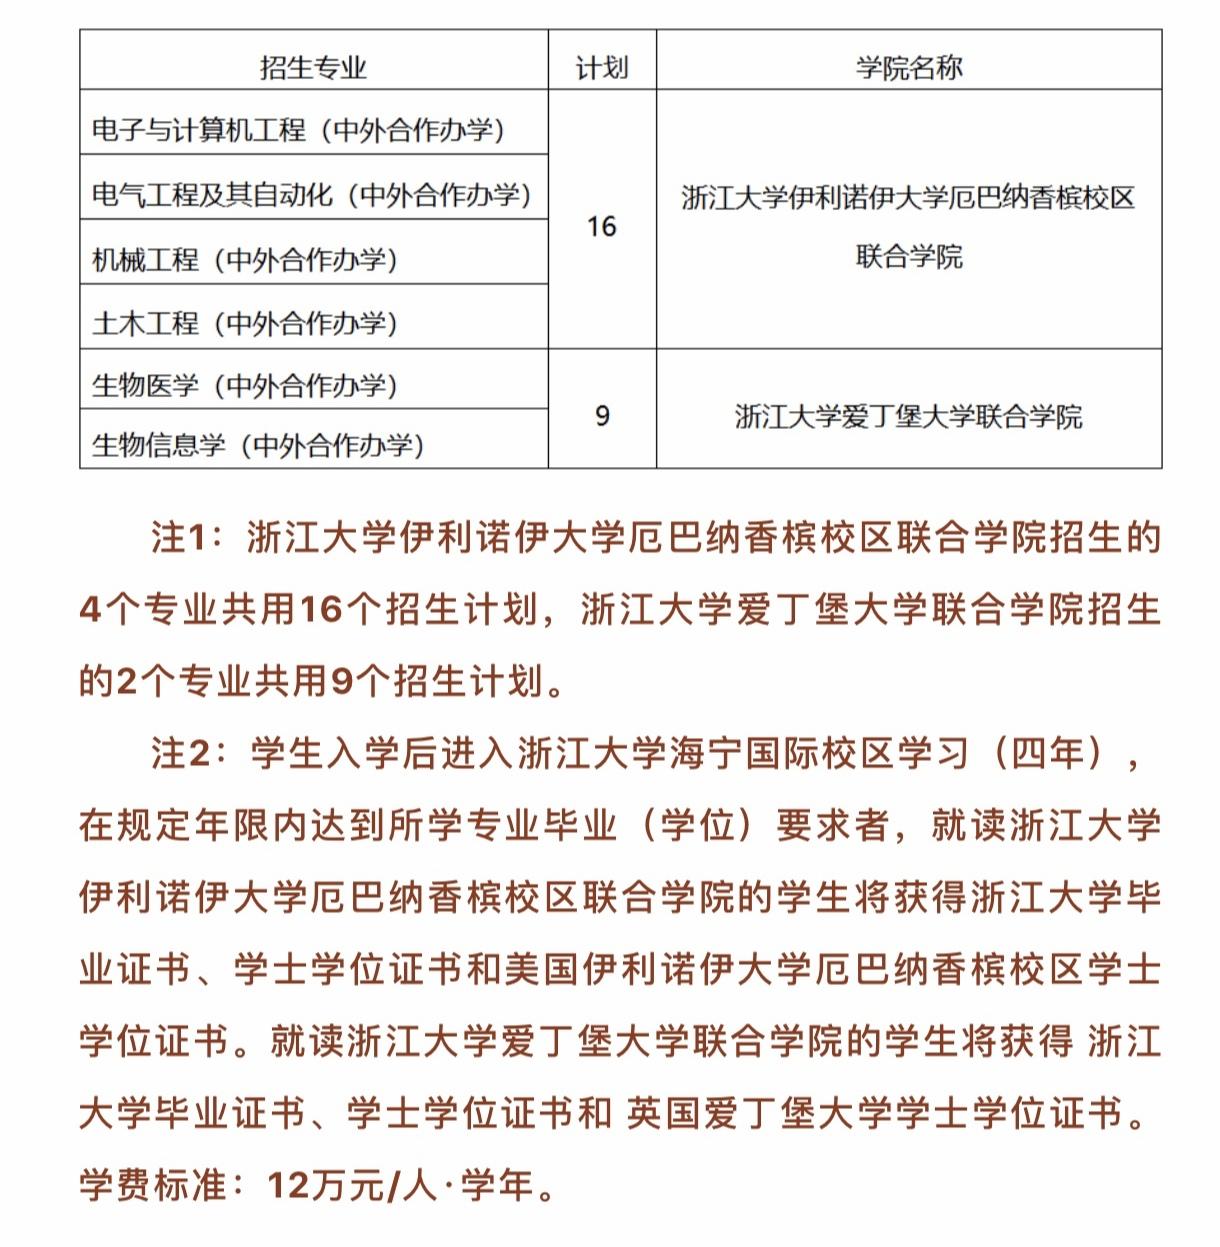 浙大山東省內綜招簡章出爐 今年招25人考體測